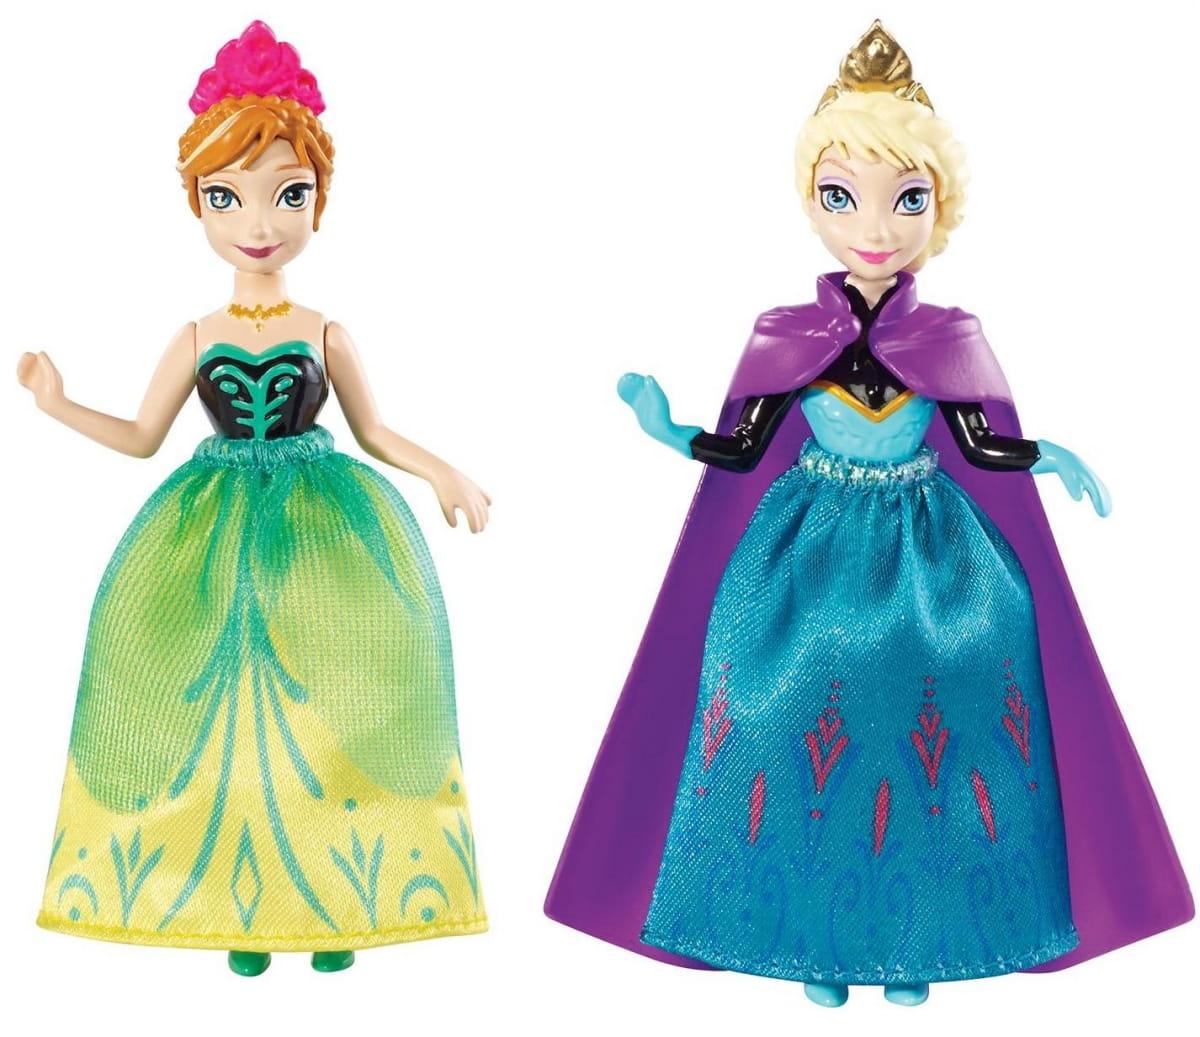 Игровой набор Disney Princess DFR78 Холодное сердце Сестры принцессы Анна и Эльза (Mattel)